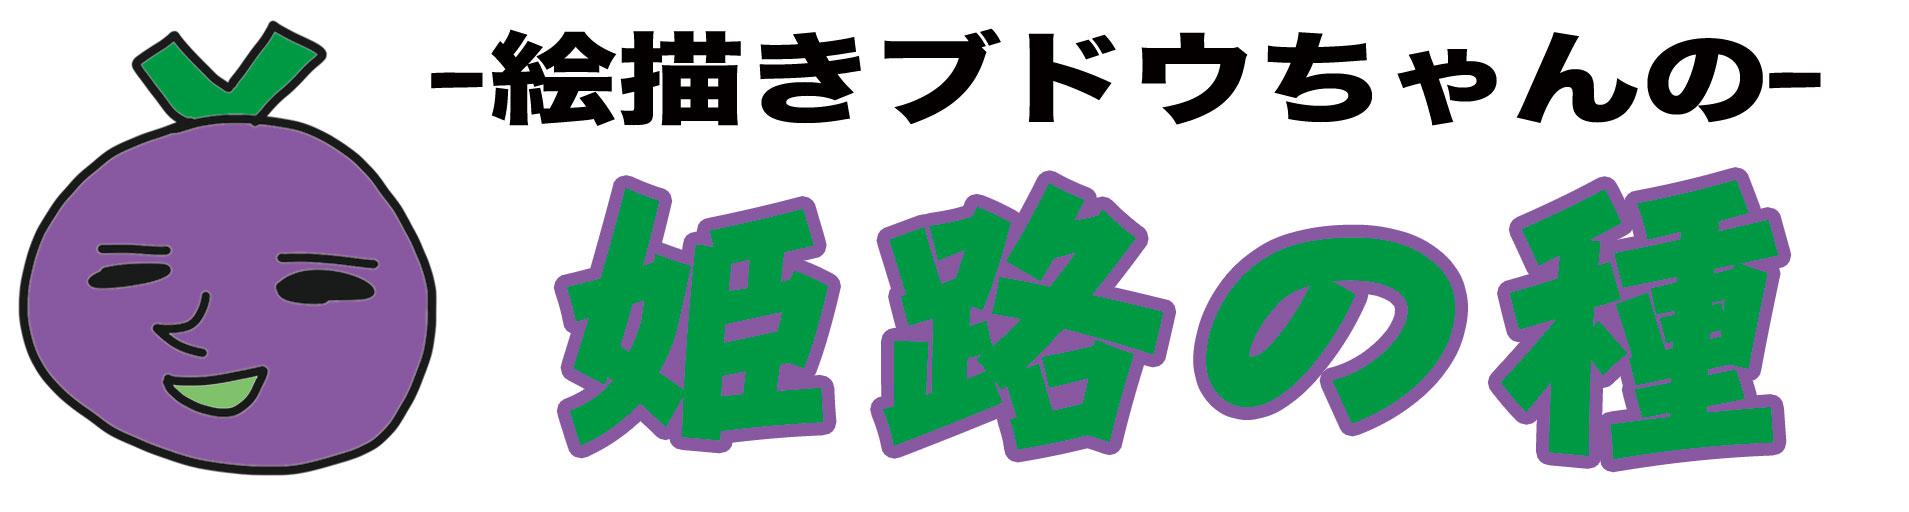 姫路市のローカル情報サイト!裏観光情報も